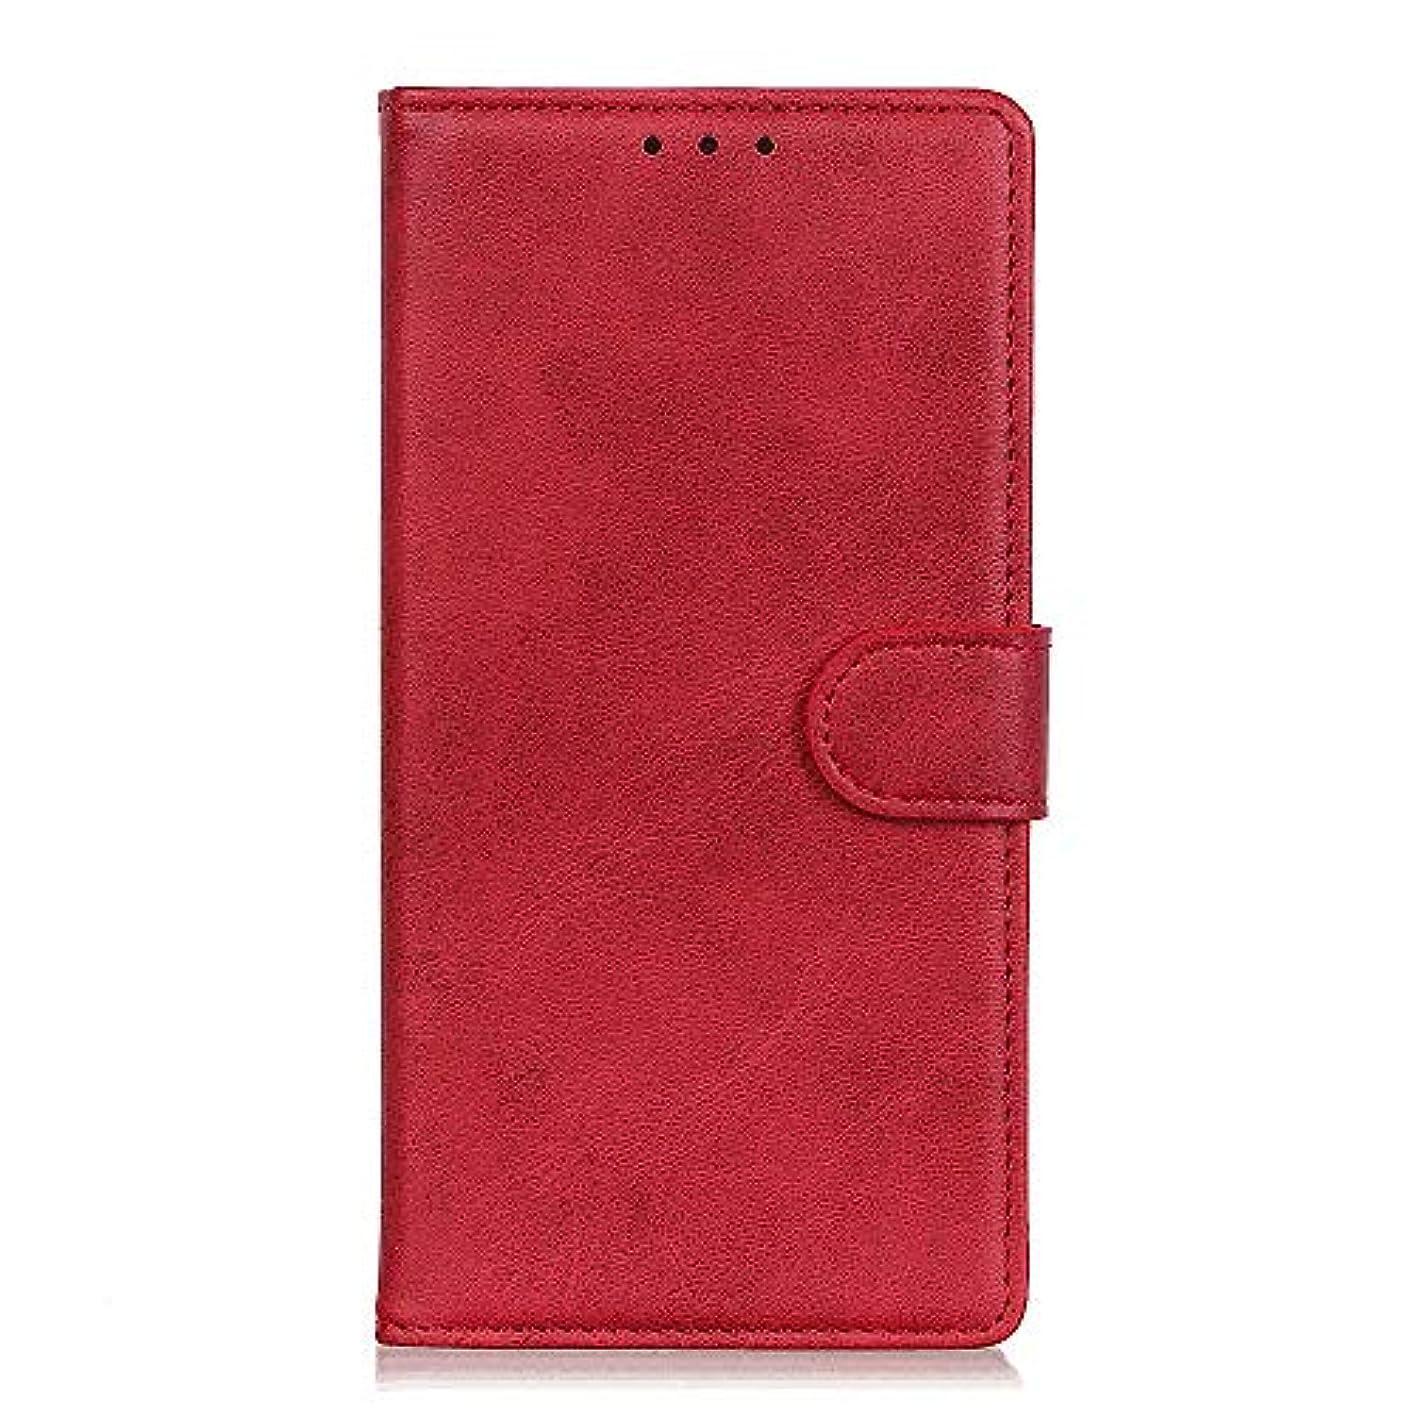 疲労縮約レモンPUレザー ケース 手帳型ケース 対応 アイフォン iPhone 11 本革 カバー収納 手帳型 財布